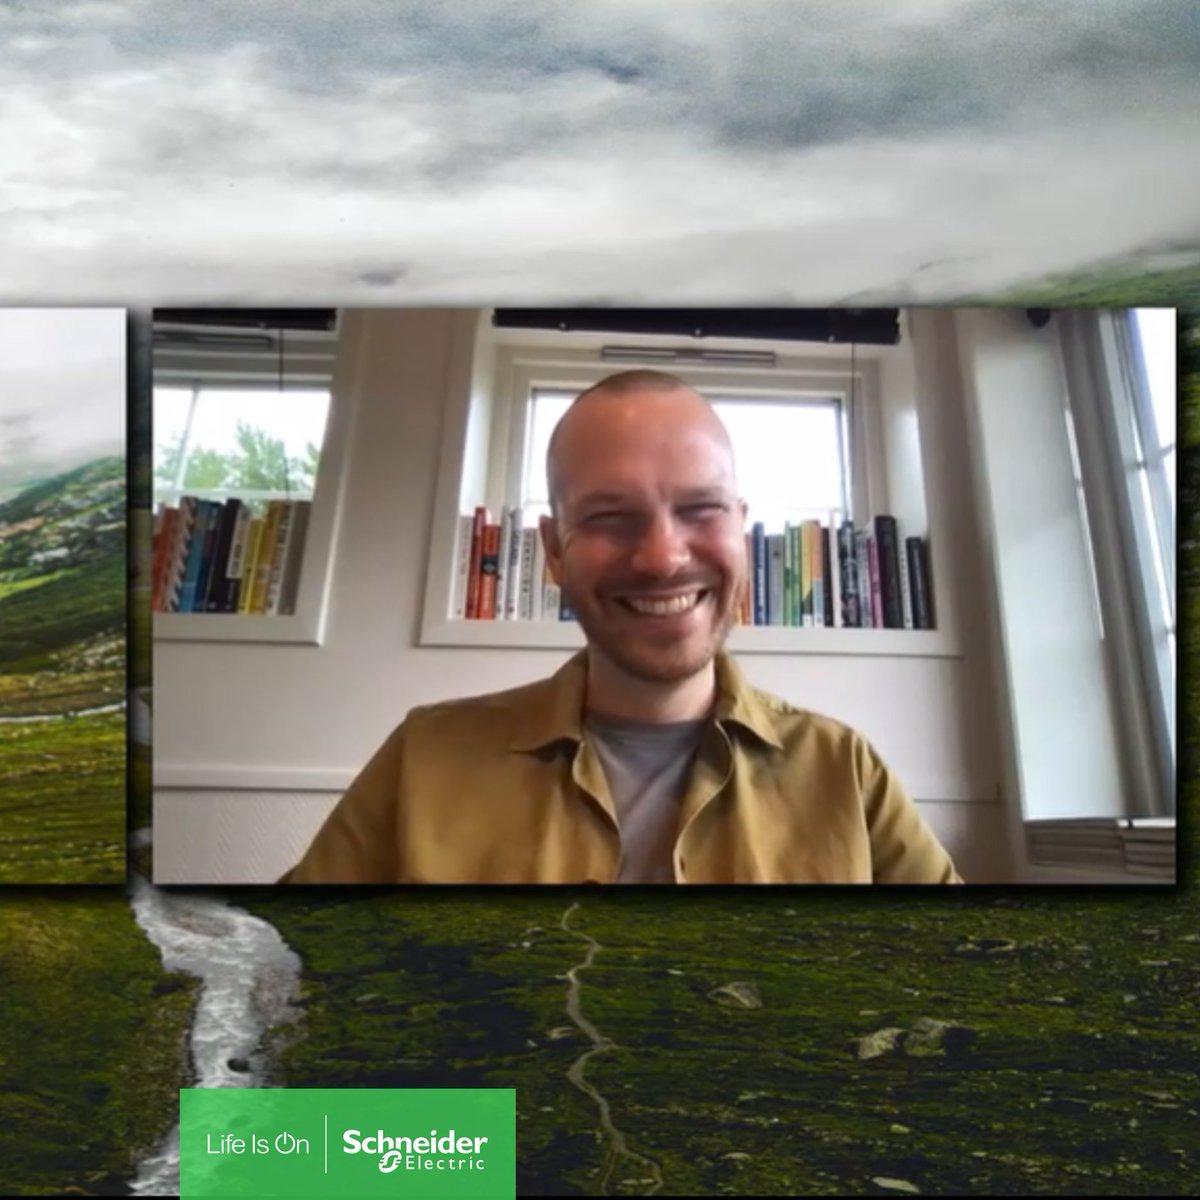 Tusen takk til alle deltakere og alle som bidro til Innovation Talk Webinar: Open Sustainability i dag! 💚  Christian Brosstad @AteaNorge, Tom Savigar @Avansere2, Åse Lunde i @EntraASA, Karoline Nystrøm @energieffektiv #LifeIsOn https://t.co/8d6UjXvtbw